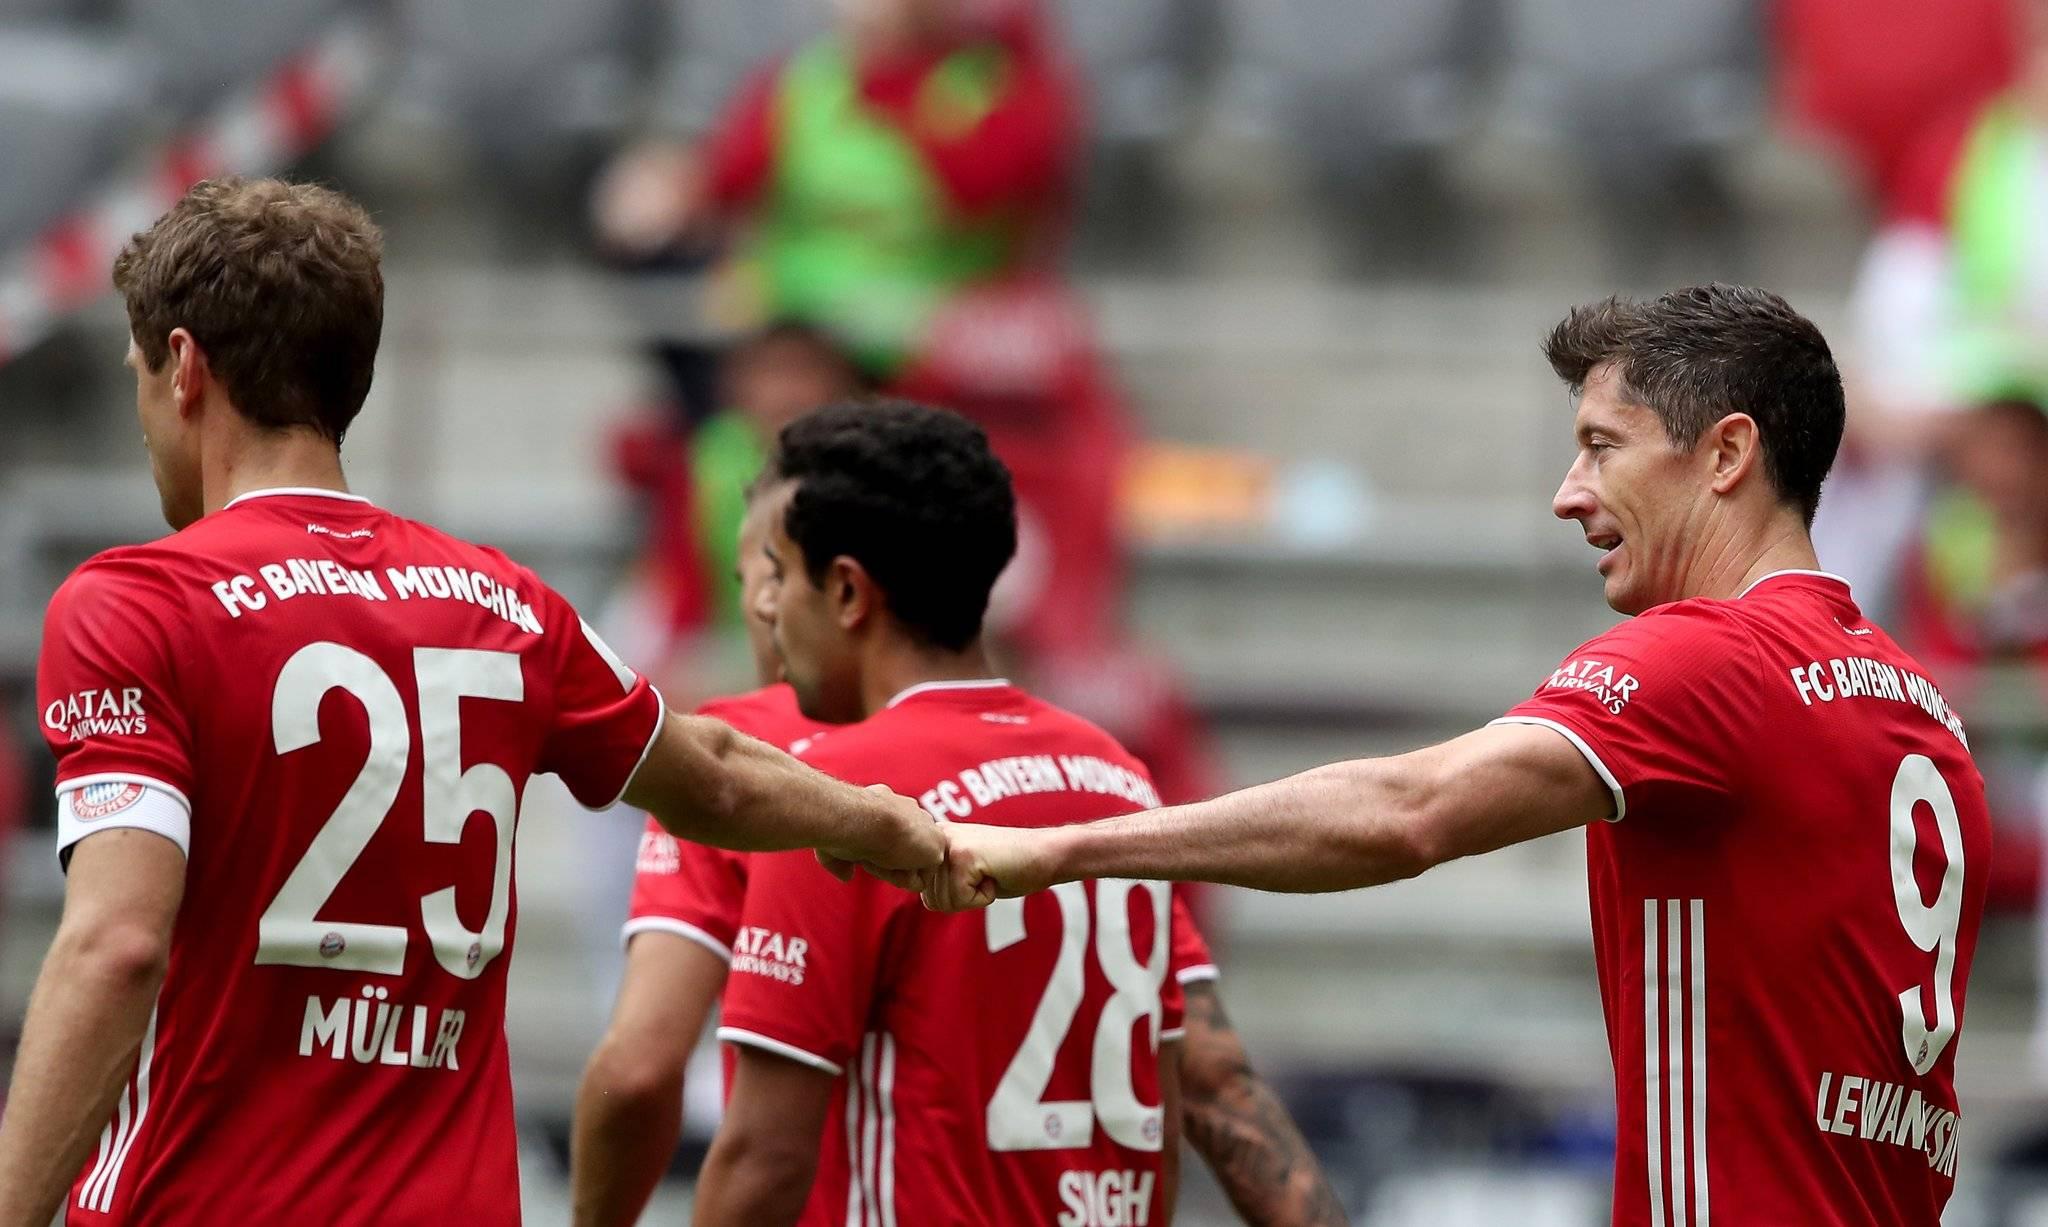 德甲-莱万梅开二度基米希破门 拜仁3-1创连胜纪录